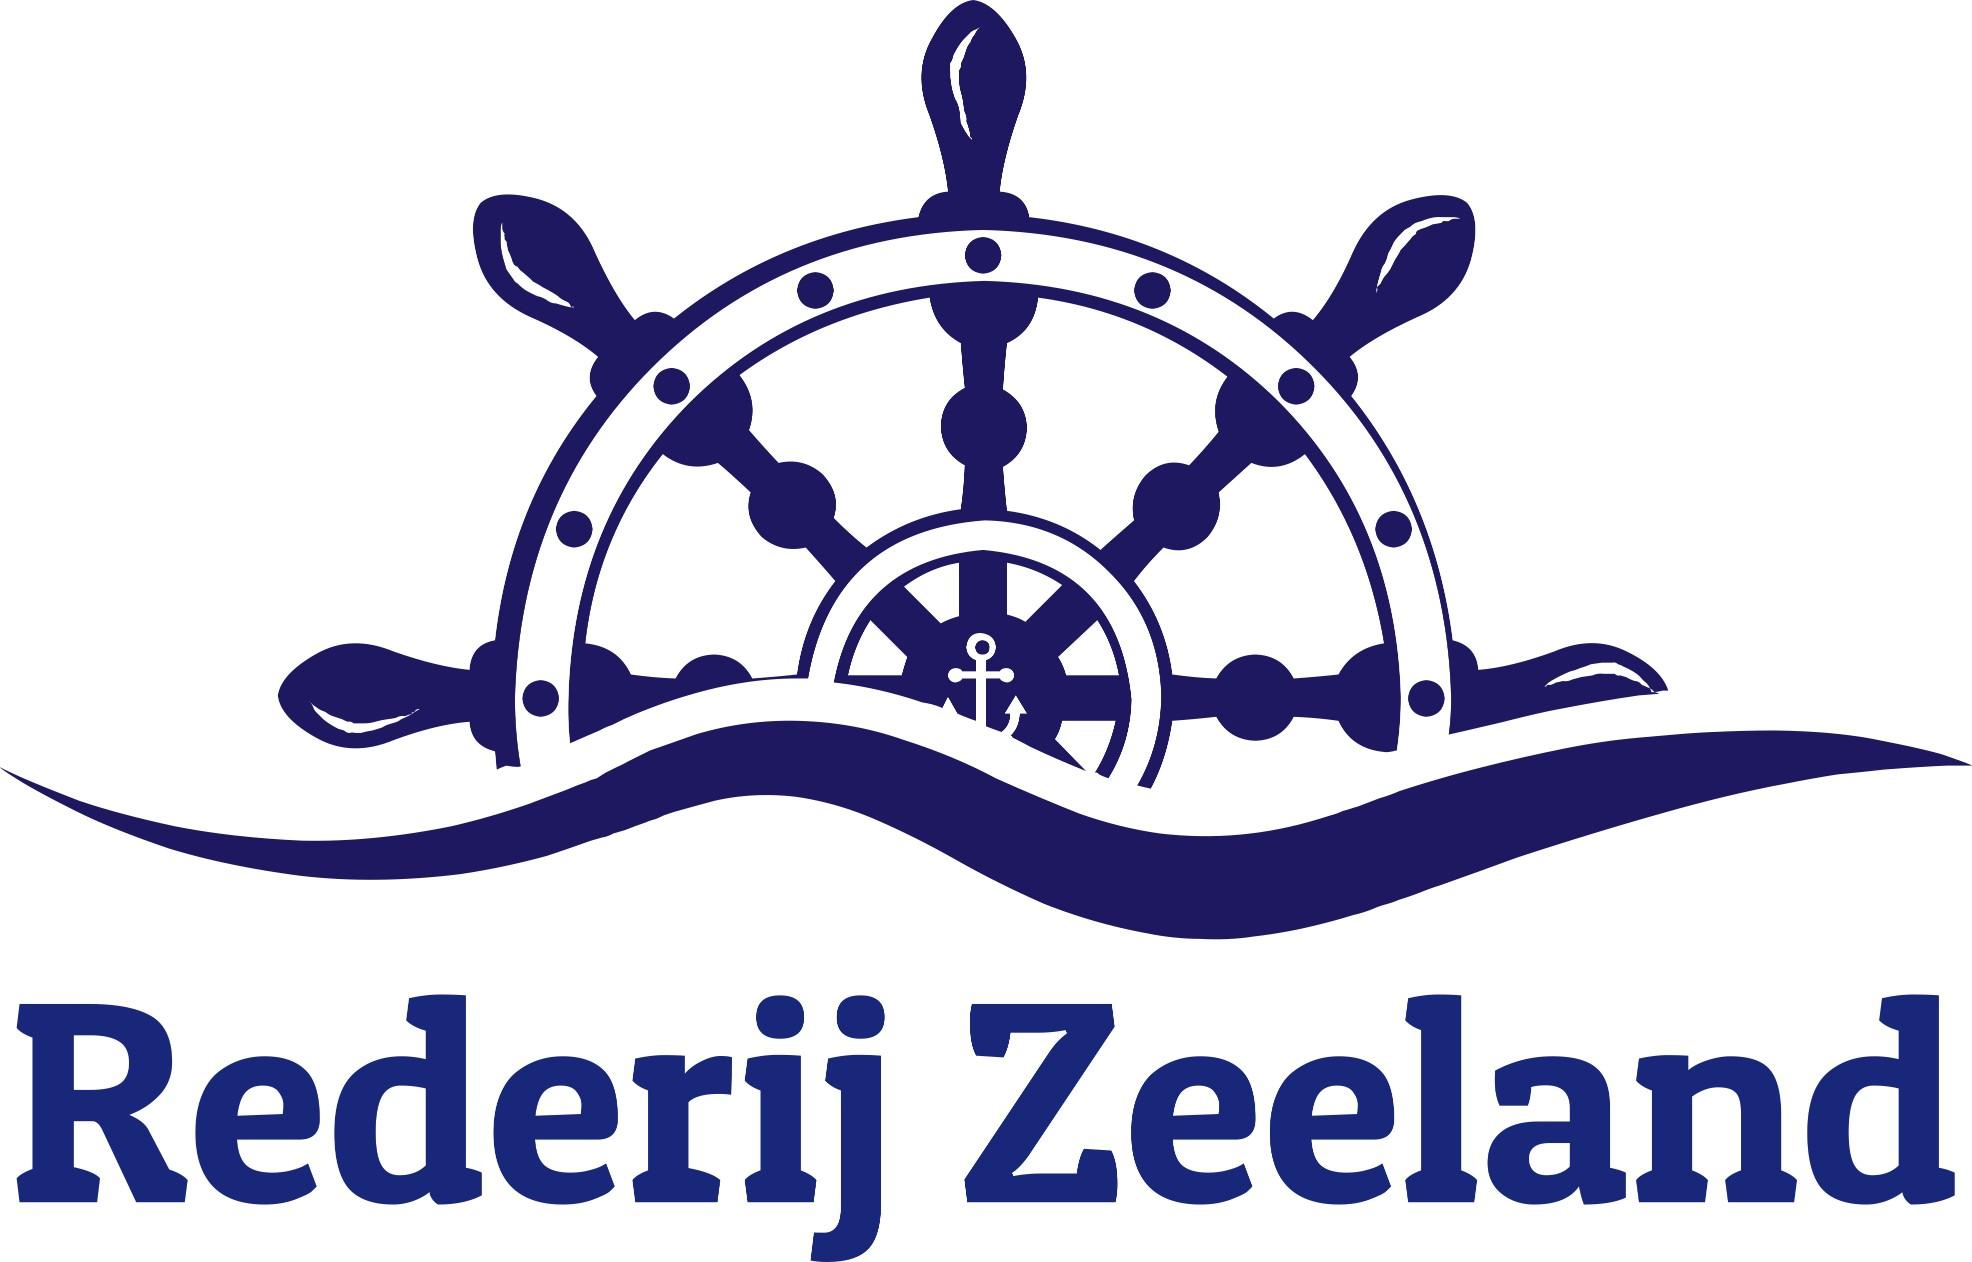 Rederij Zeeland